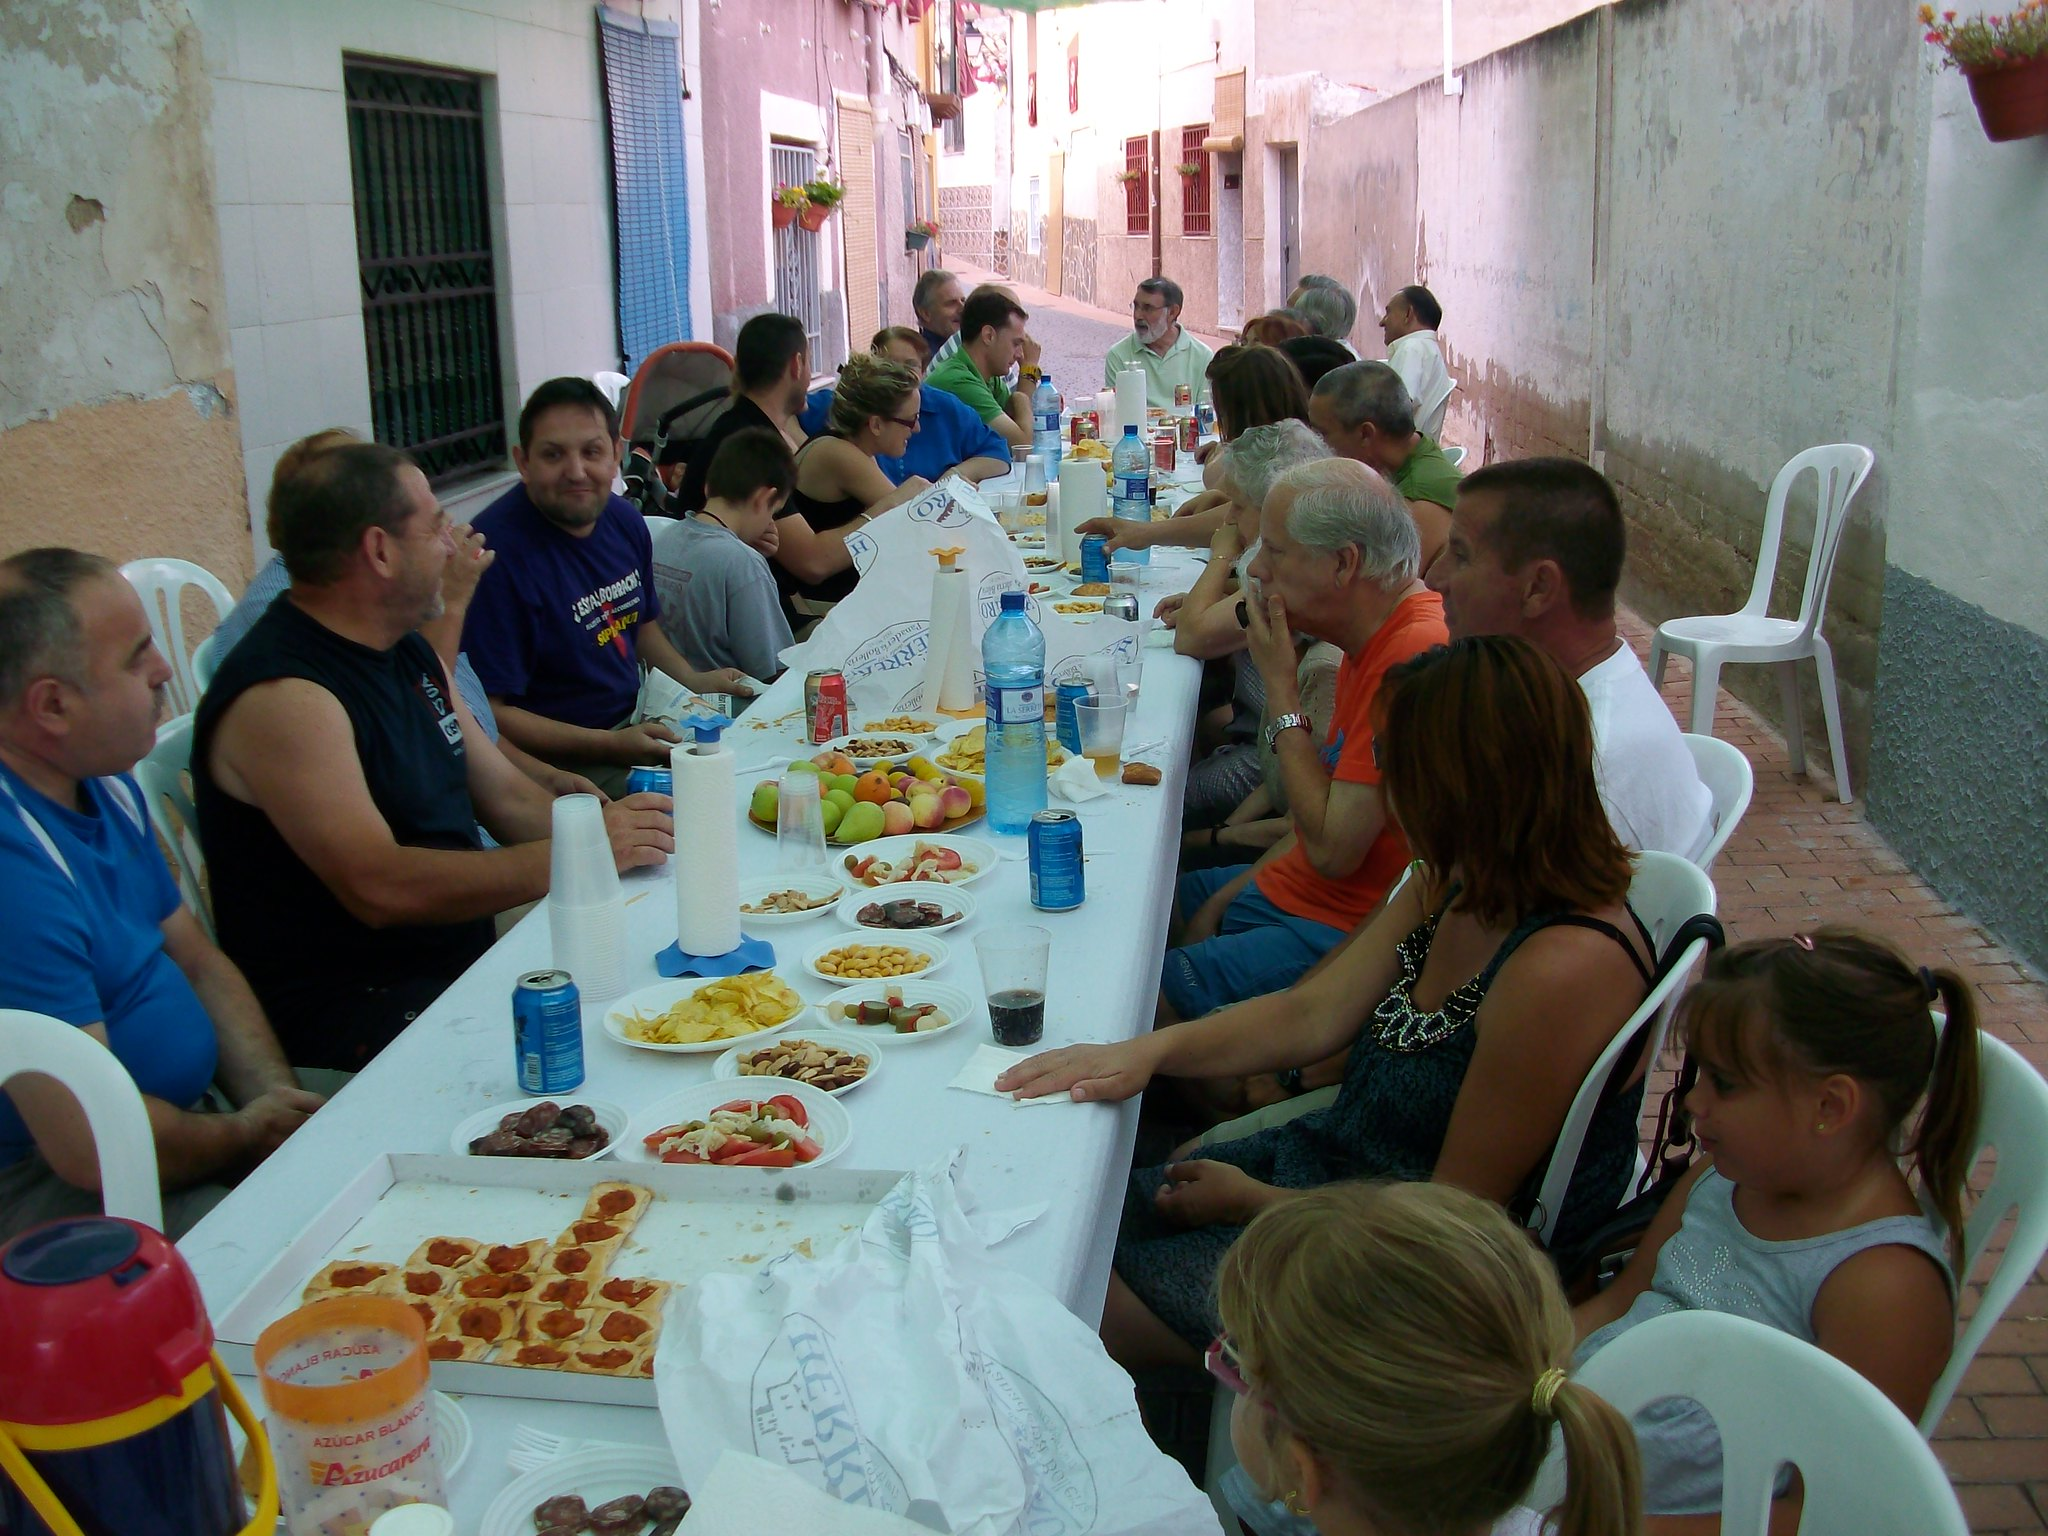 (2011-07-03) Almuerzo calle Cristo - José Vicente Romero Ripoll (04)